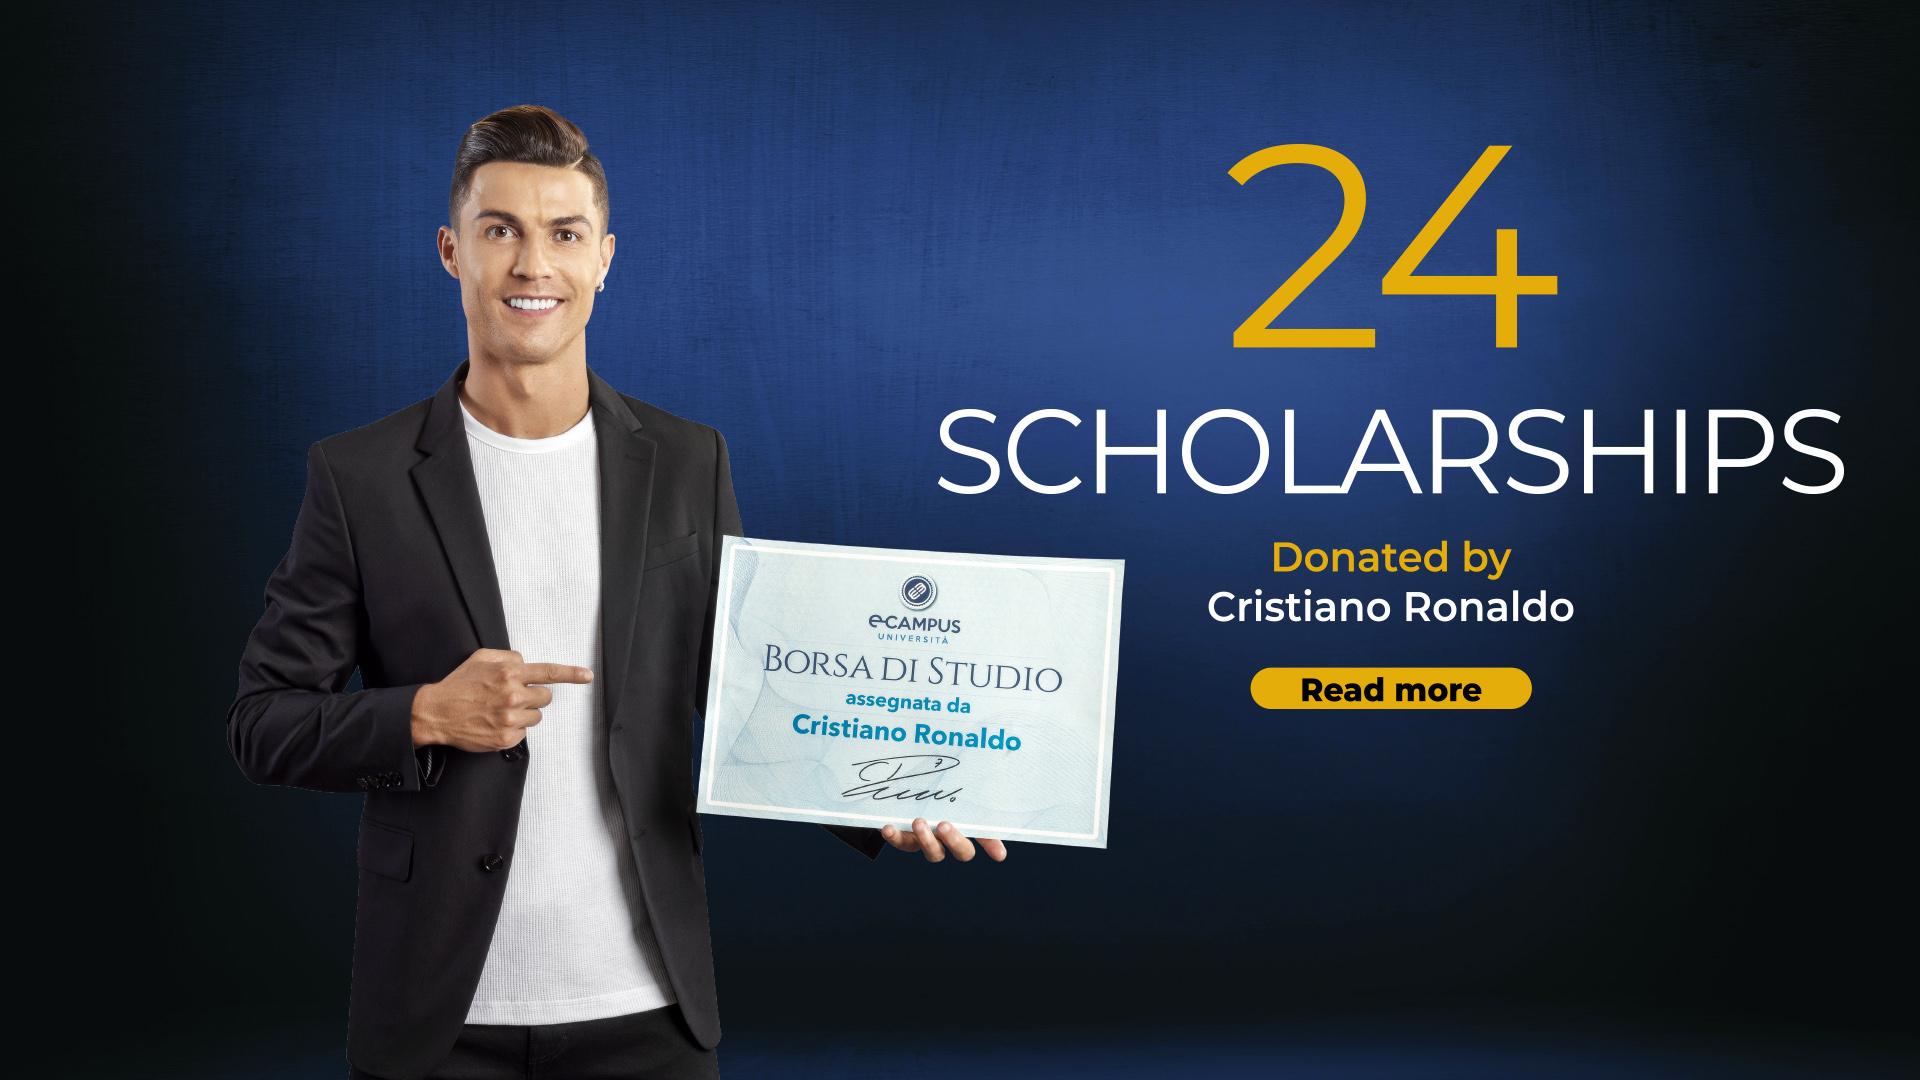 Cristiano Ronaldo: Apply For Cristiano Ronaldo Scholarship For International Students